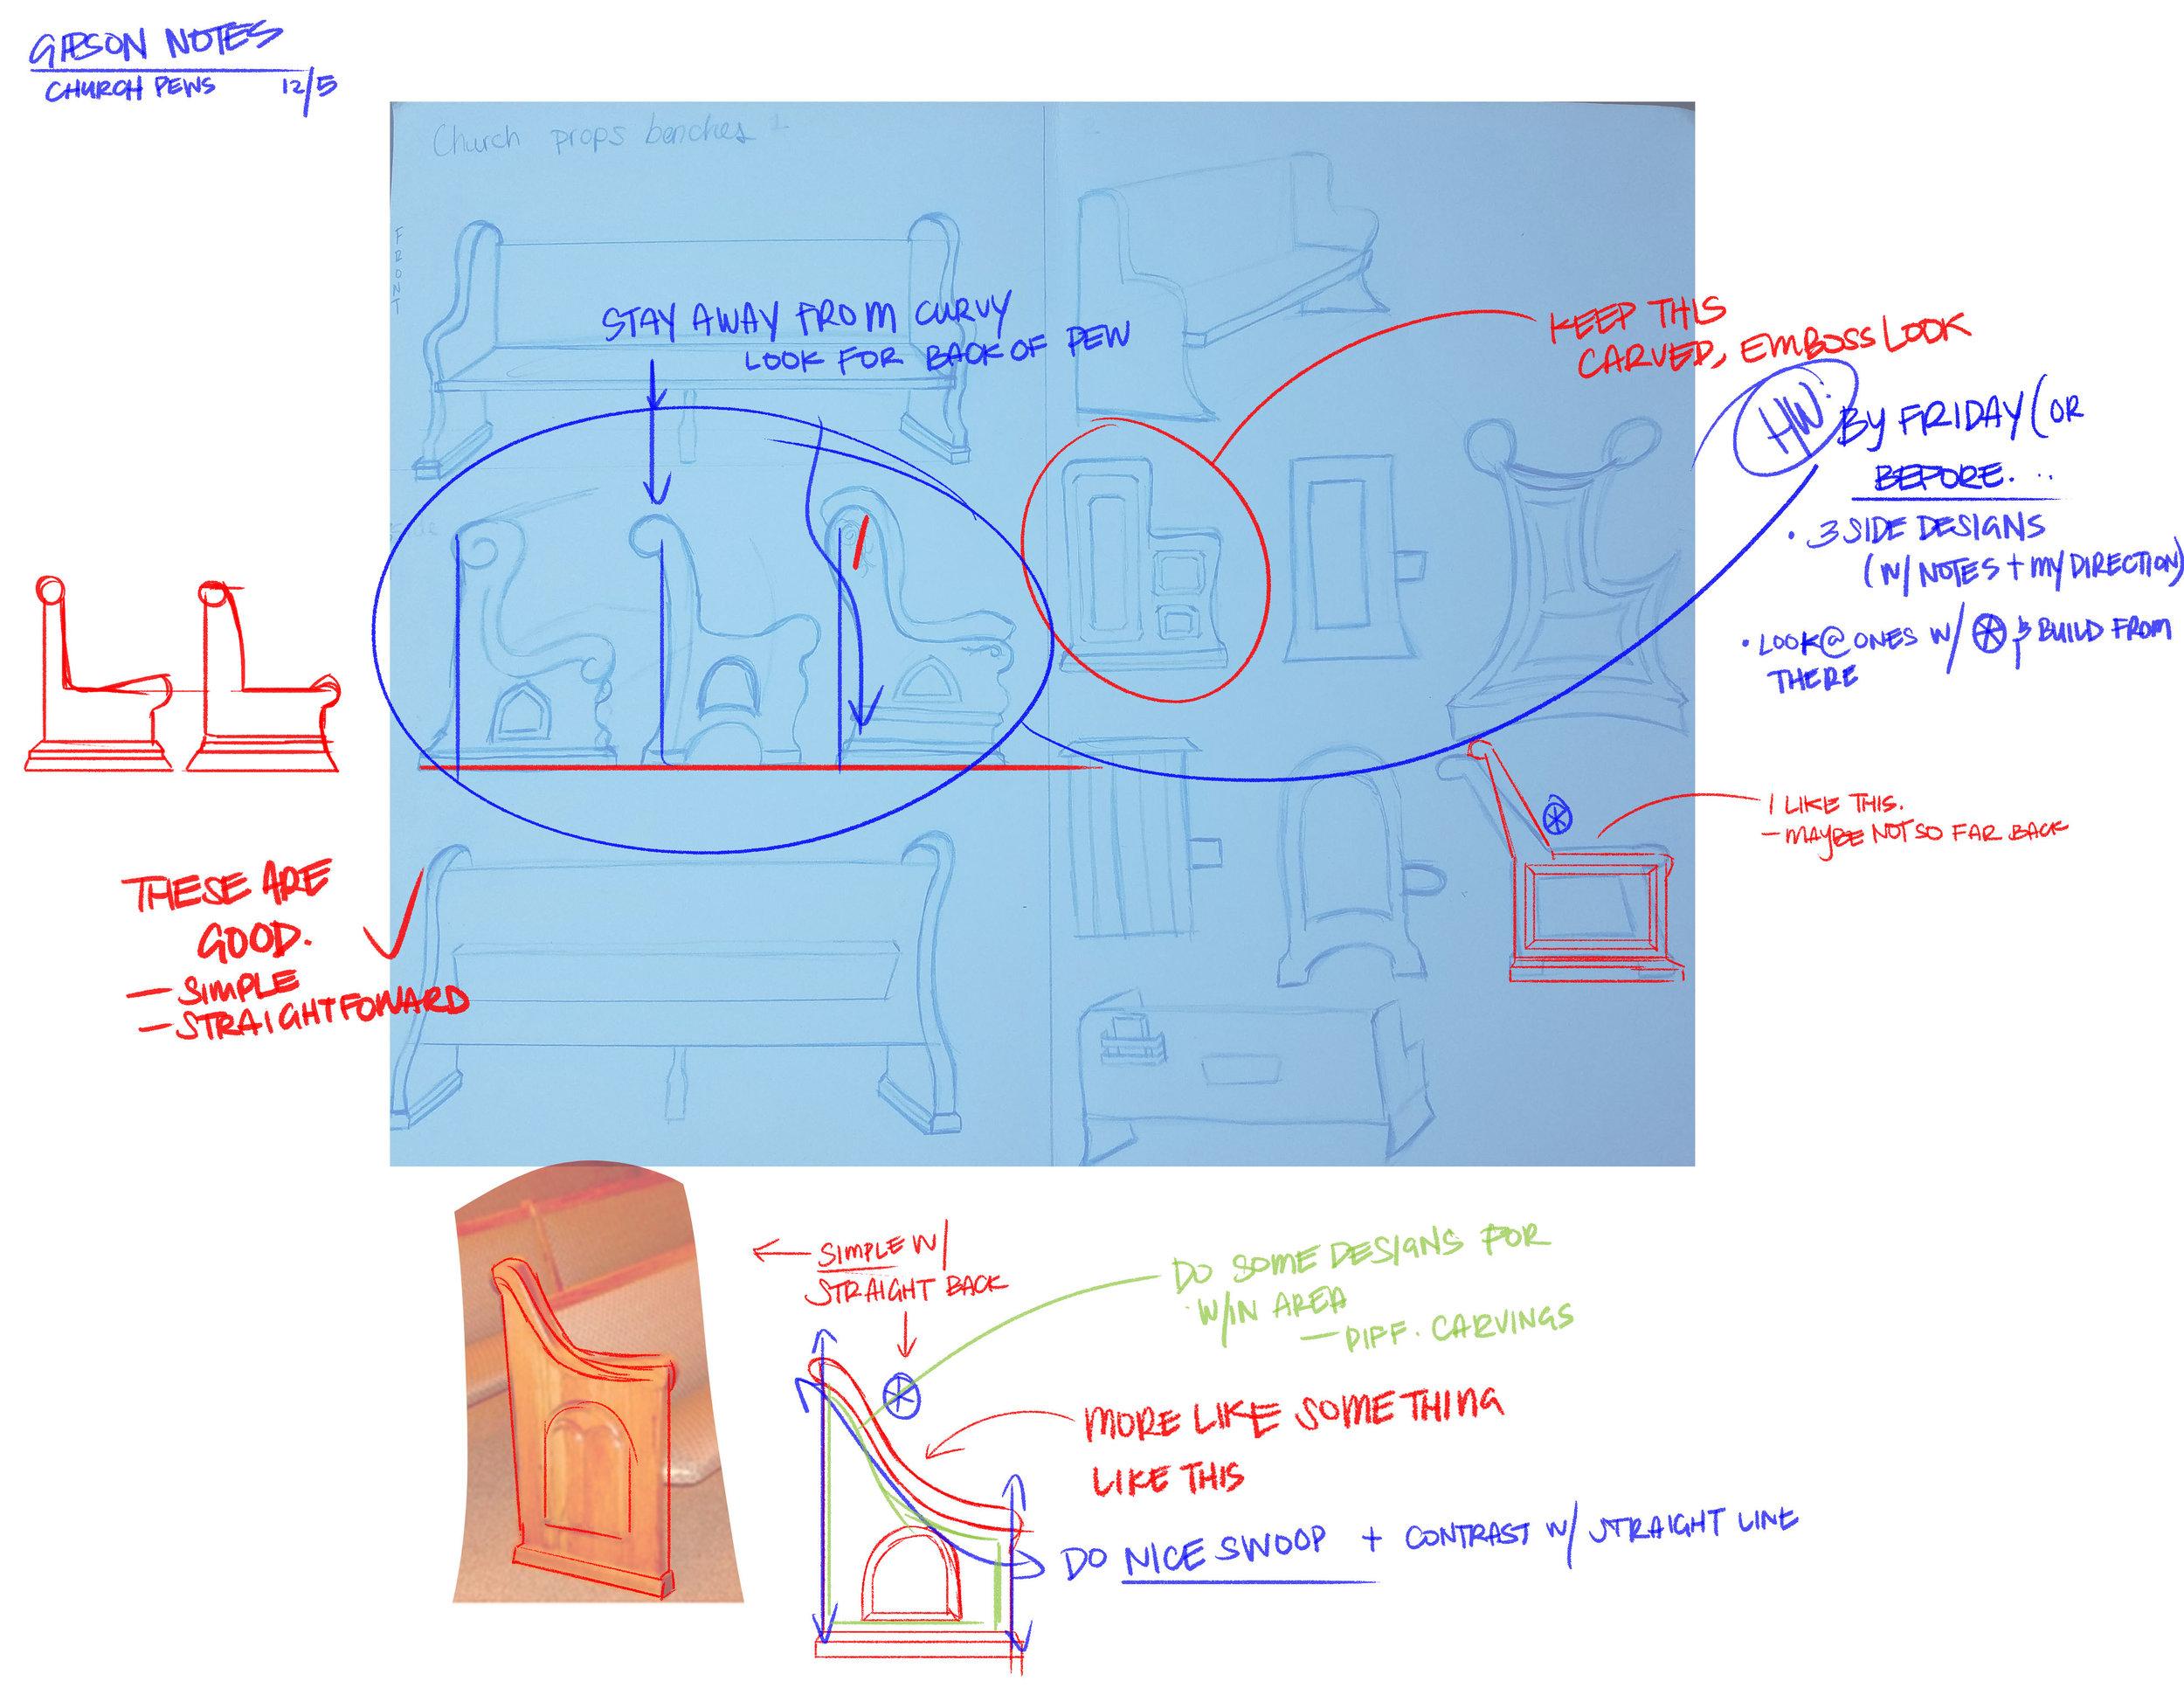 Gipson_Notes.jpg